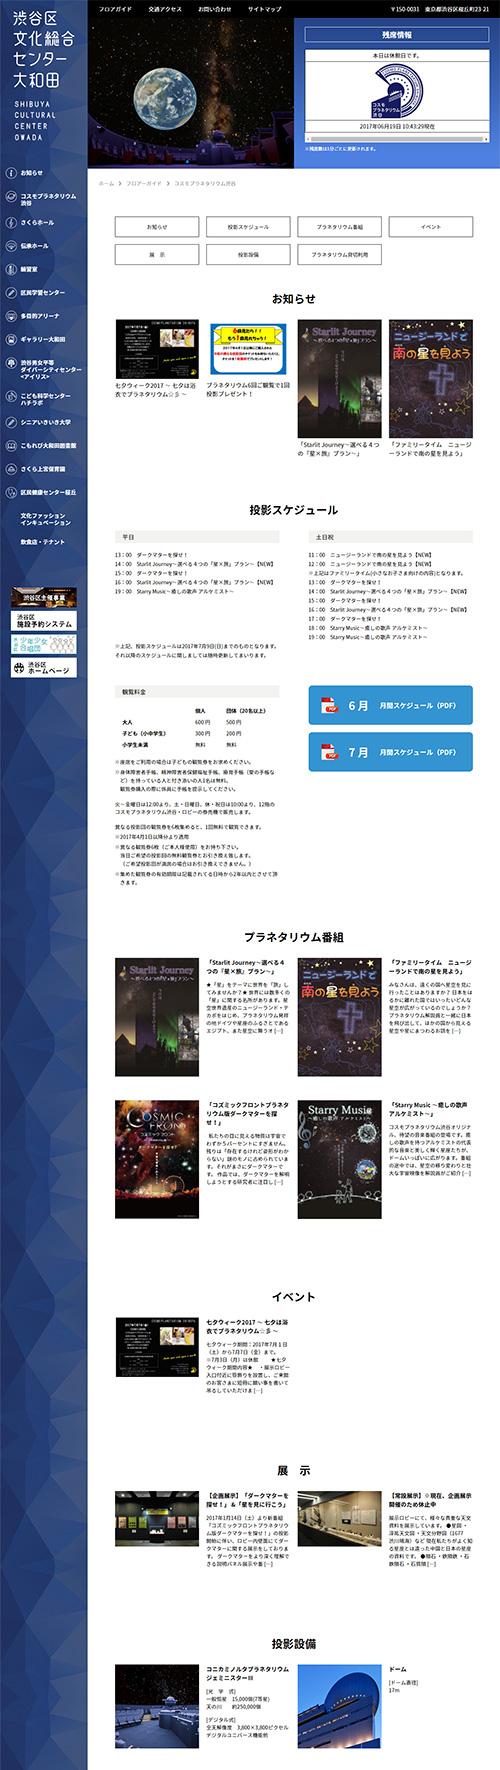 ホームページイメージ02